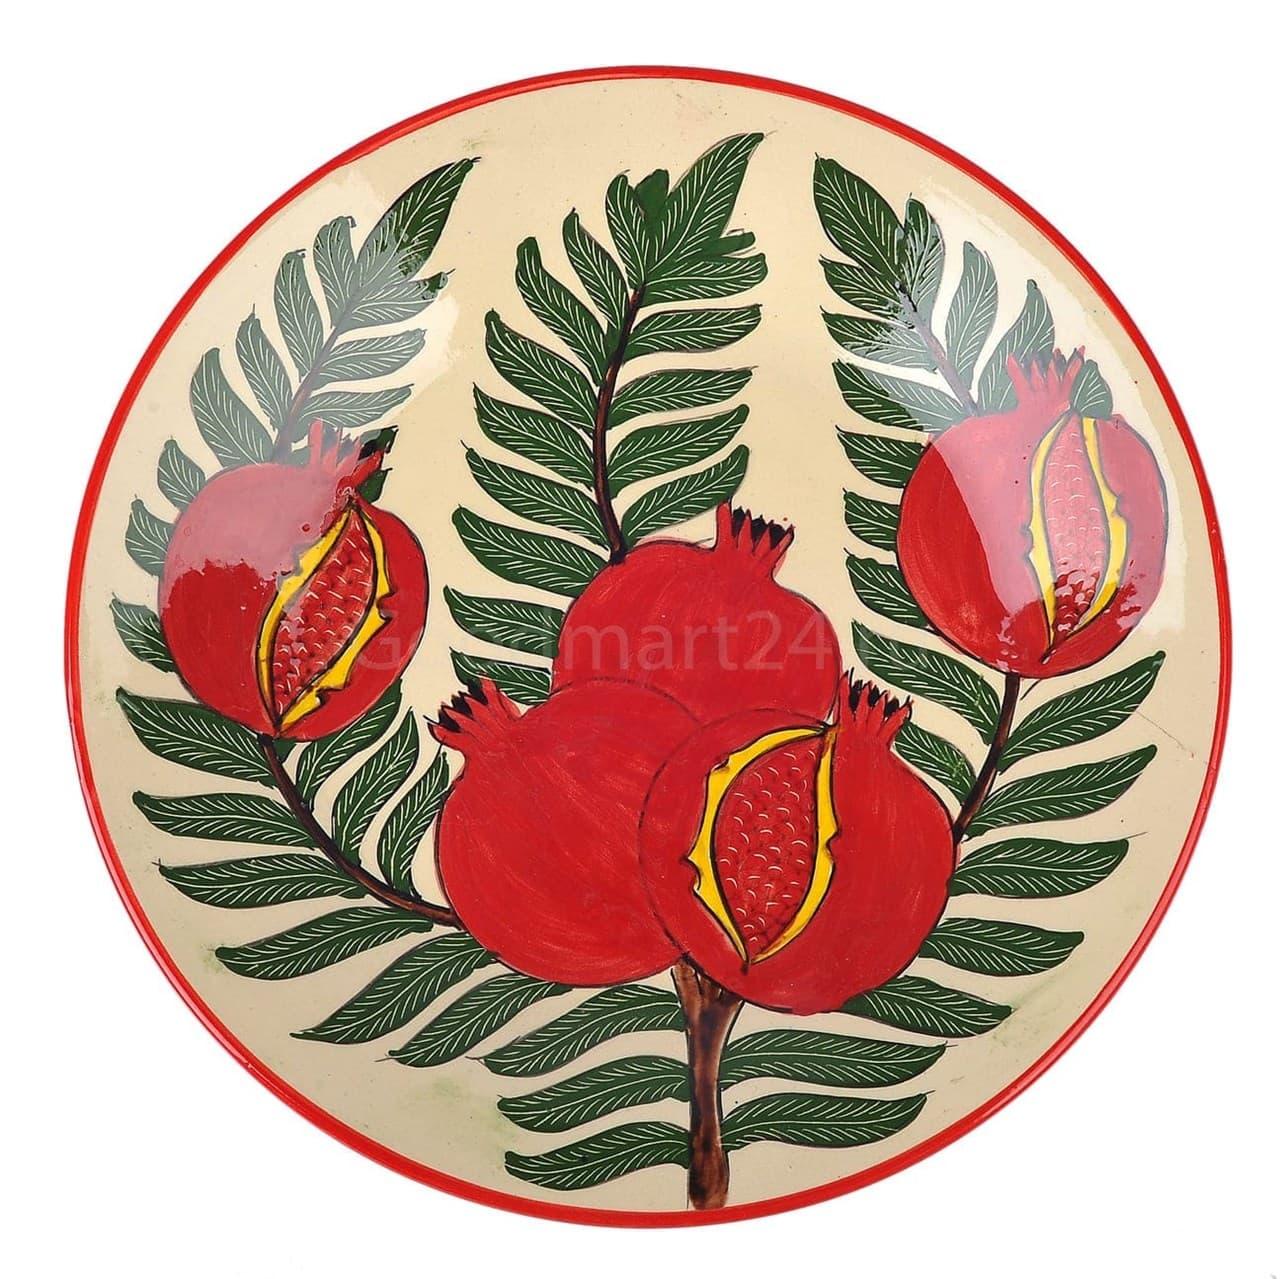 Тарелка плоская Риштанская Керамика 27 см. гранат - фото 9541